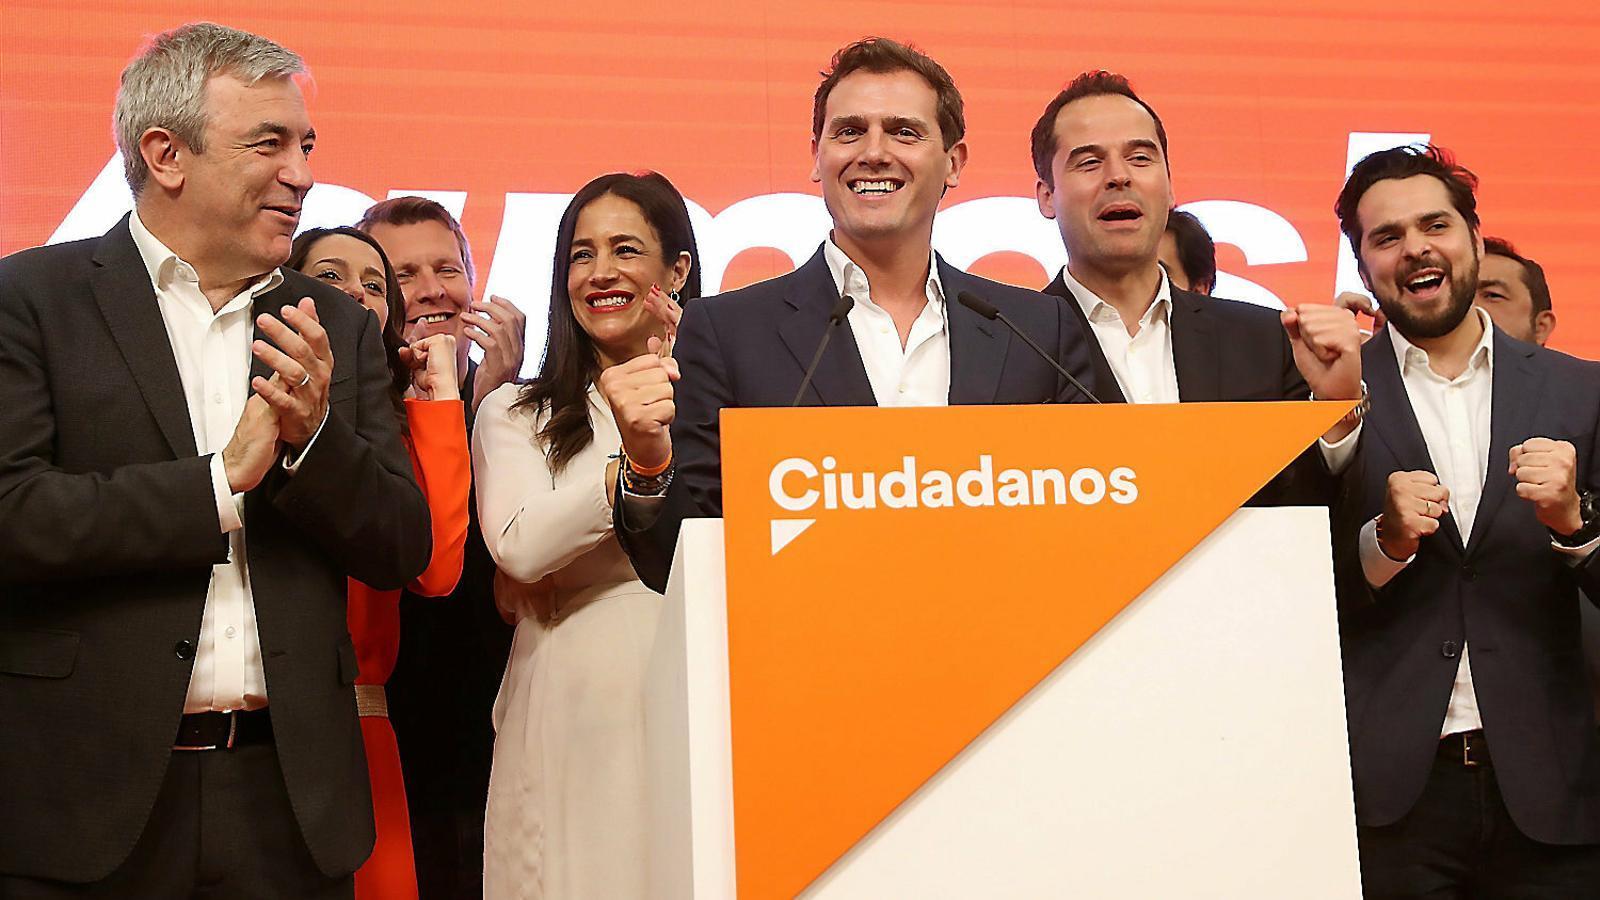 Quatre comunitats pendents del dilema de Cs: Vox o el PSOE